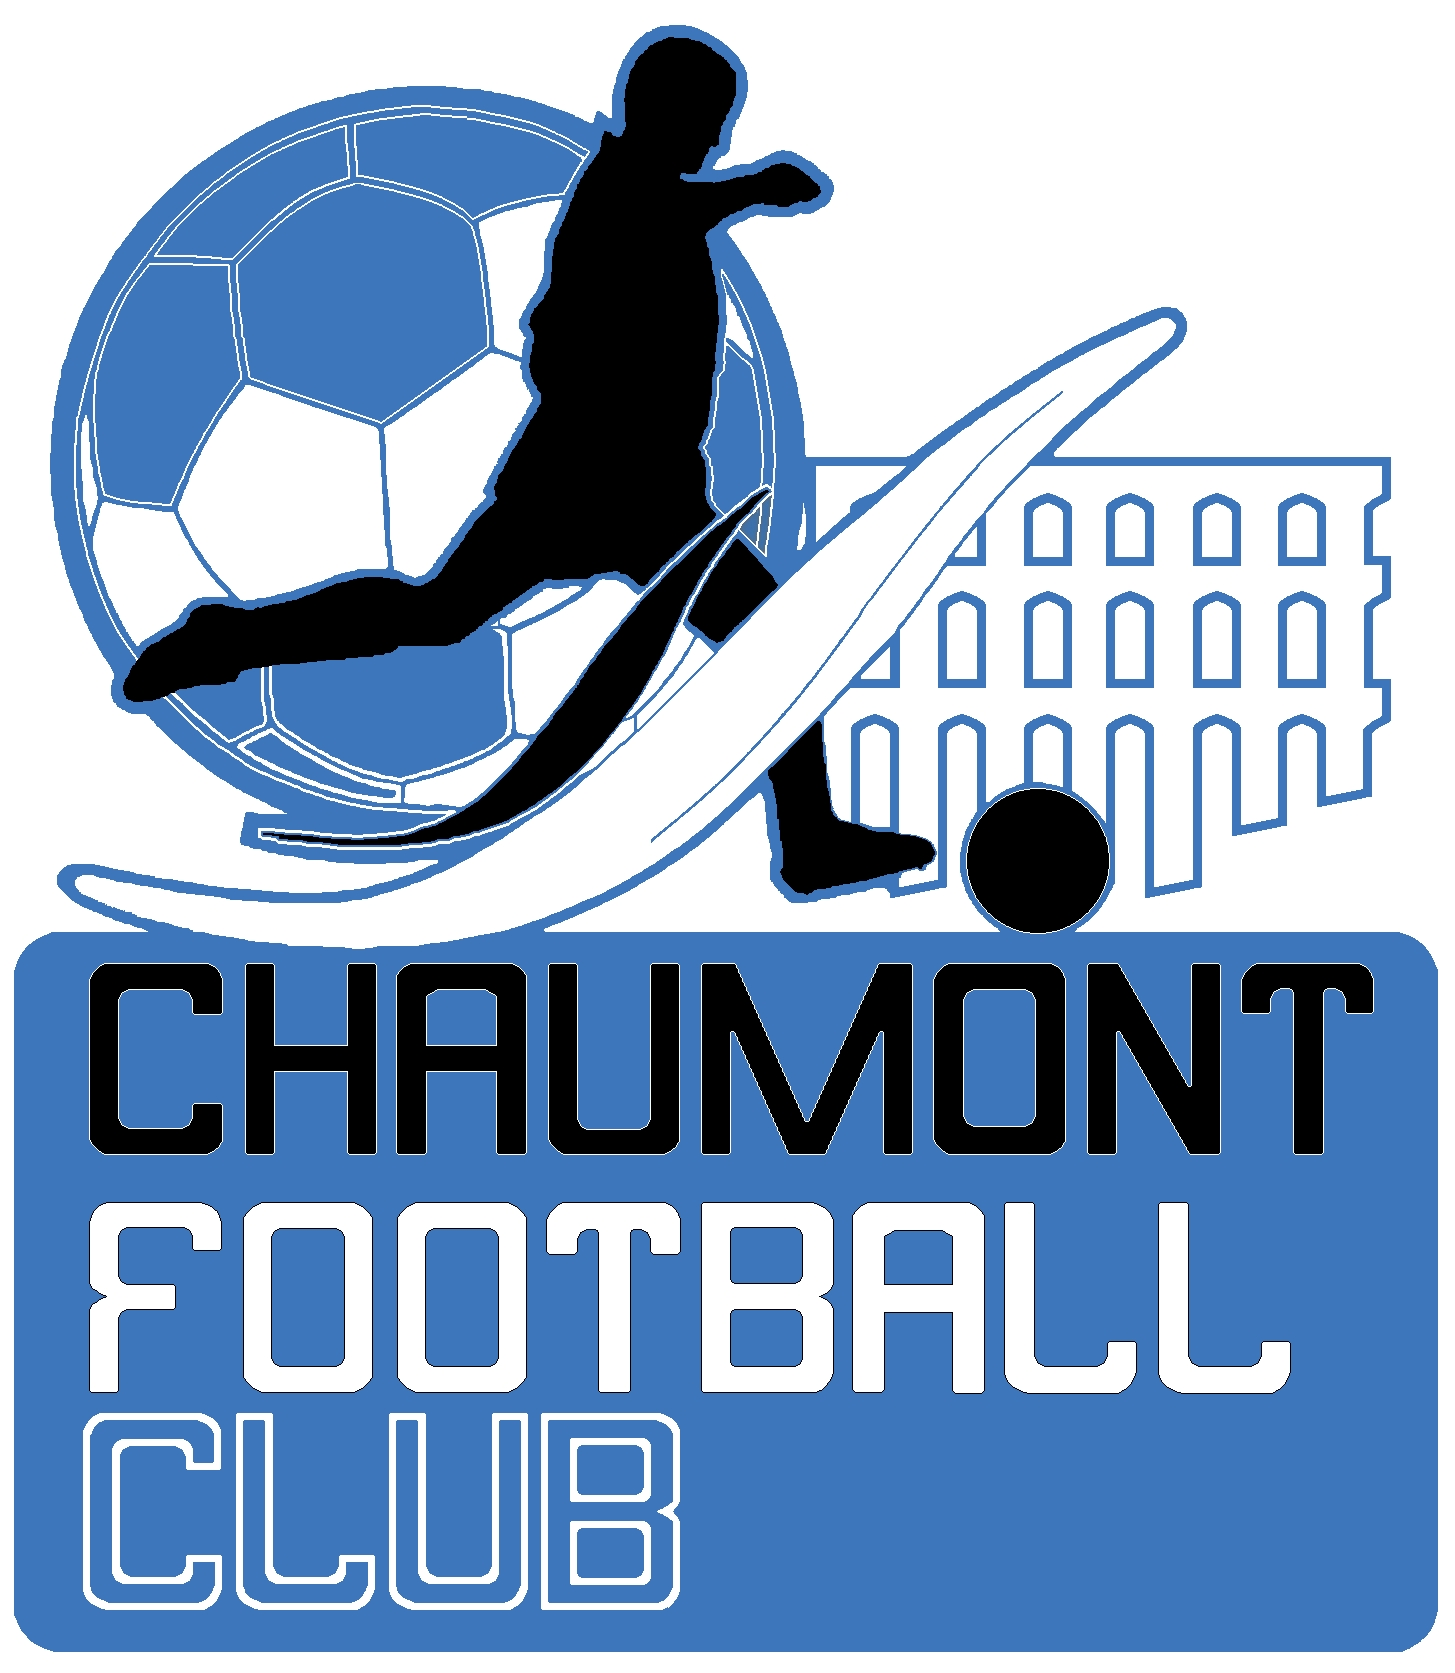 Chaumont-FC (détouré).jpg